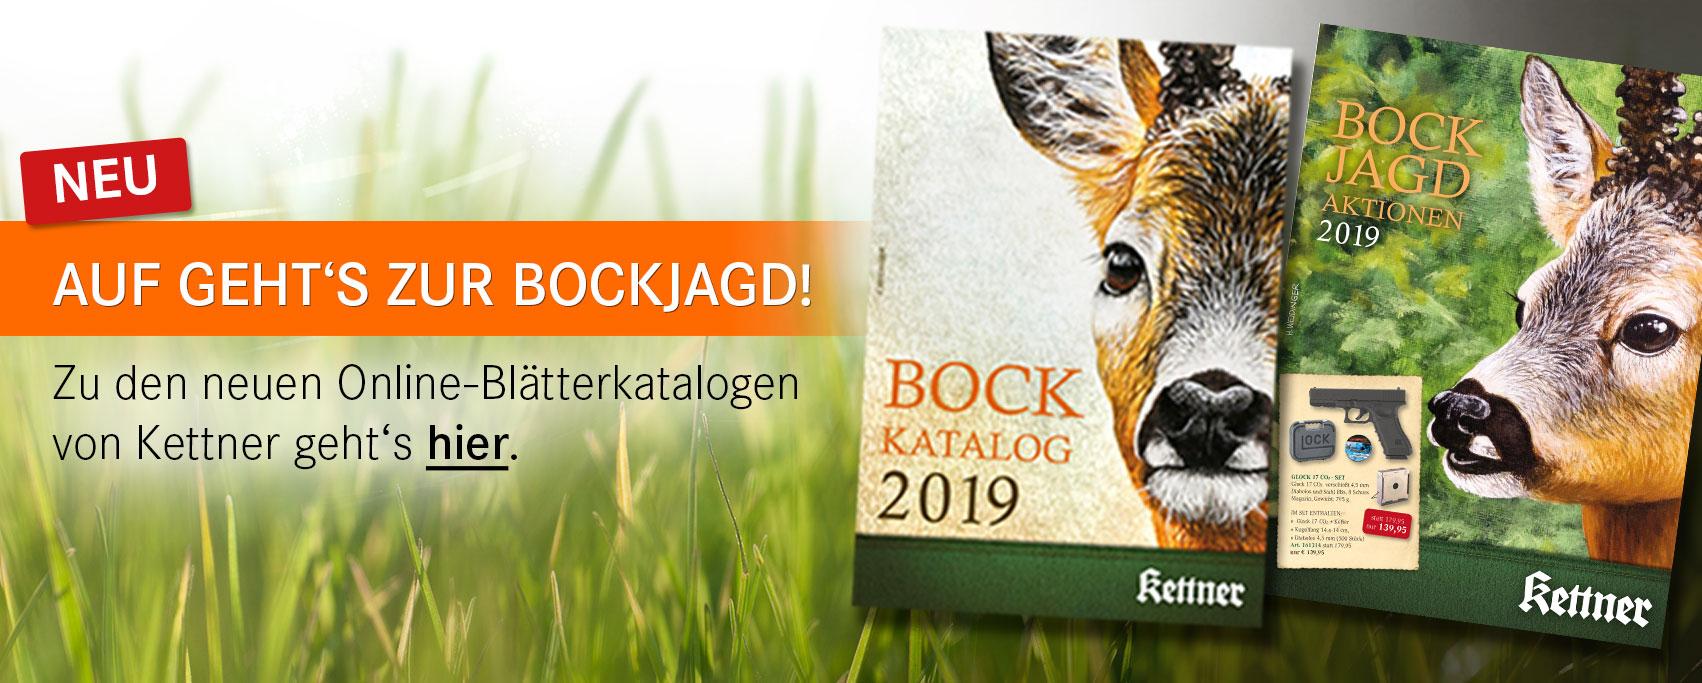 Bock Katalog & Bockjagd Aktionen 2019